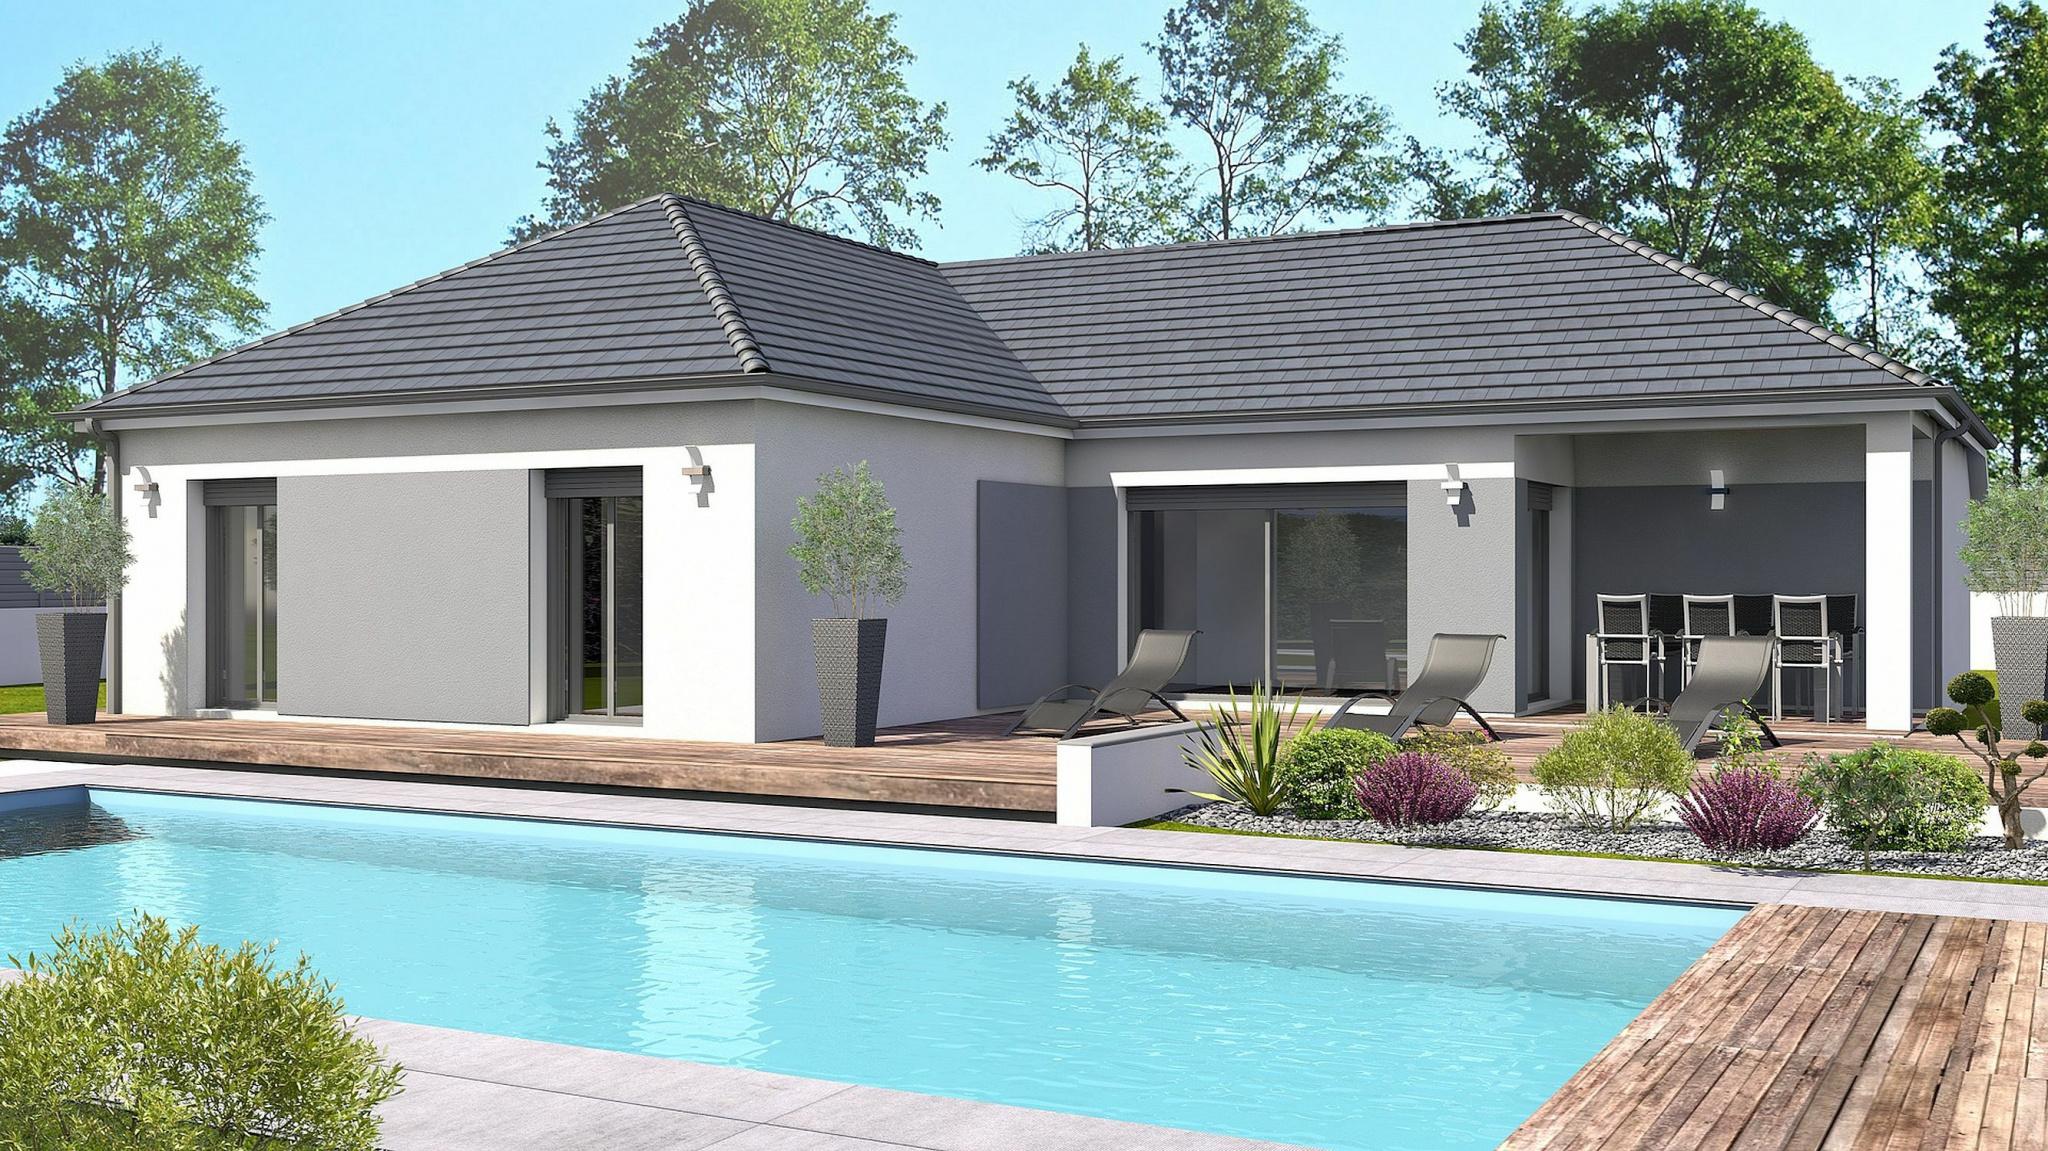 Vente maison à Benejacq (64800) de 90 m2 habitable sur terrain de 809 m2